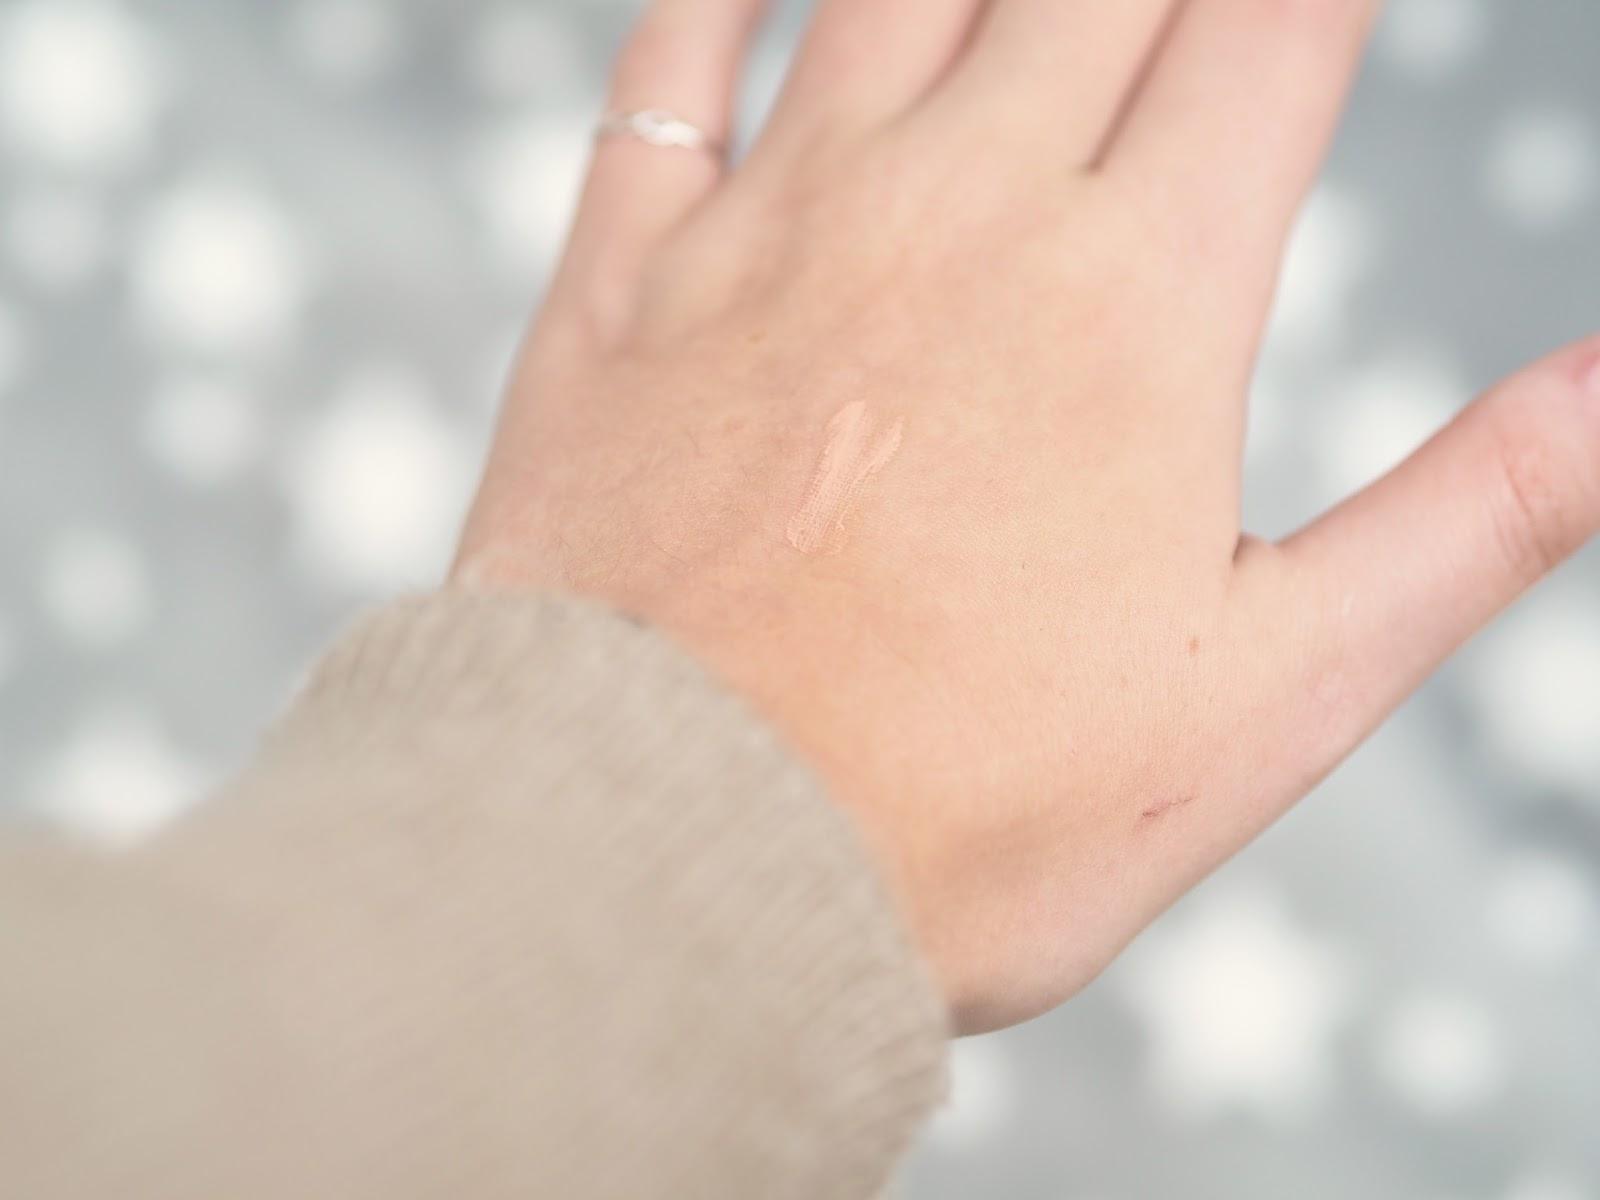 The Body Shop Instaglow Peachy Glow CC Cream Swatch